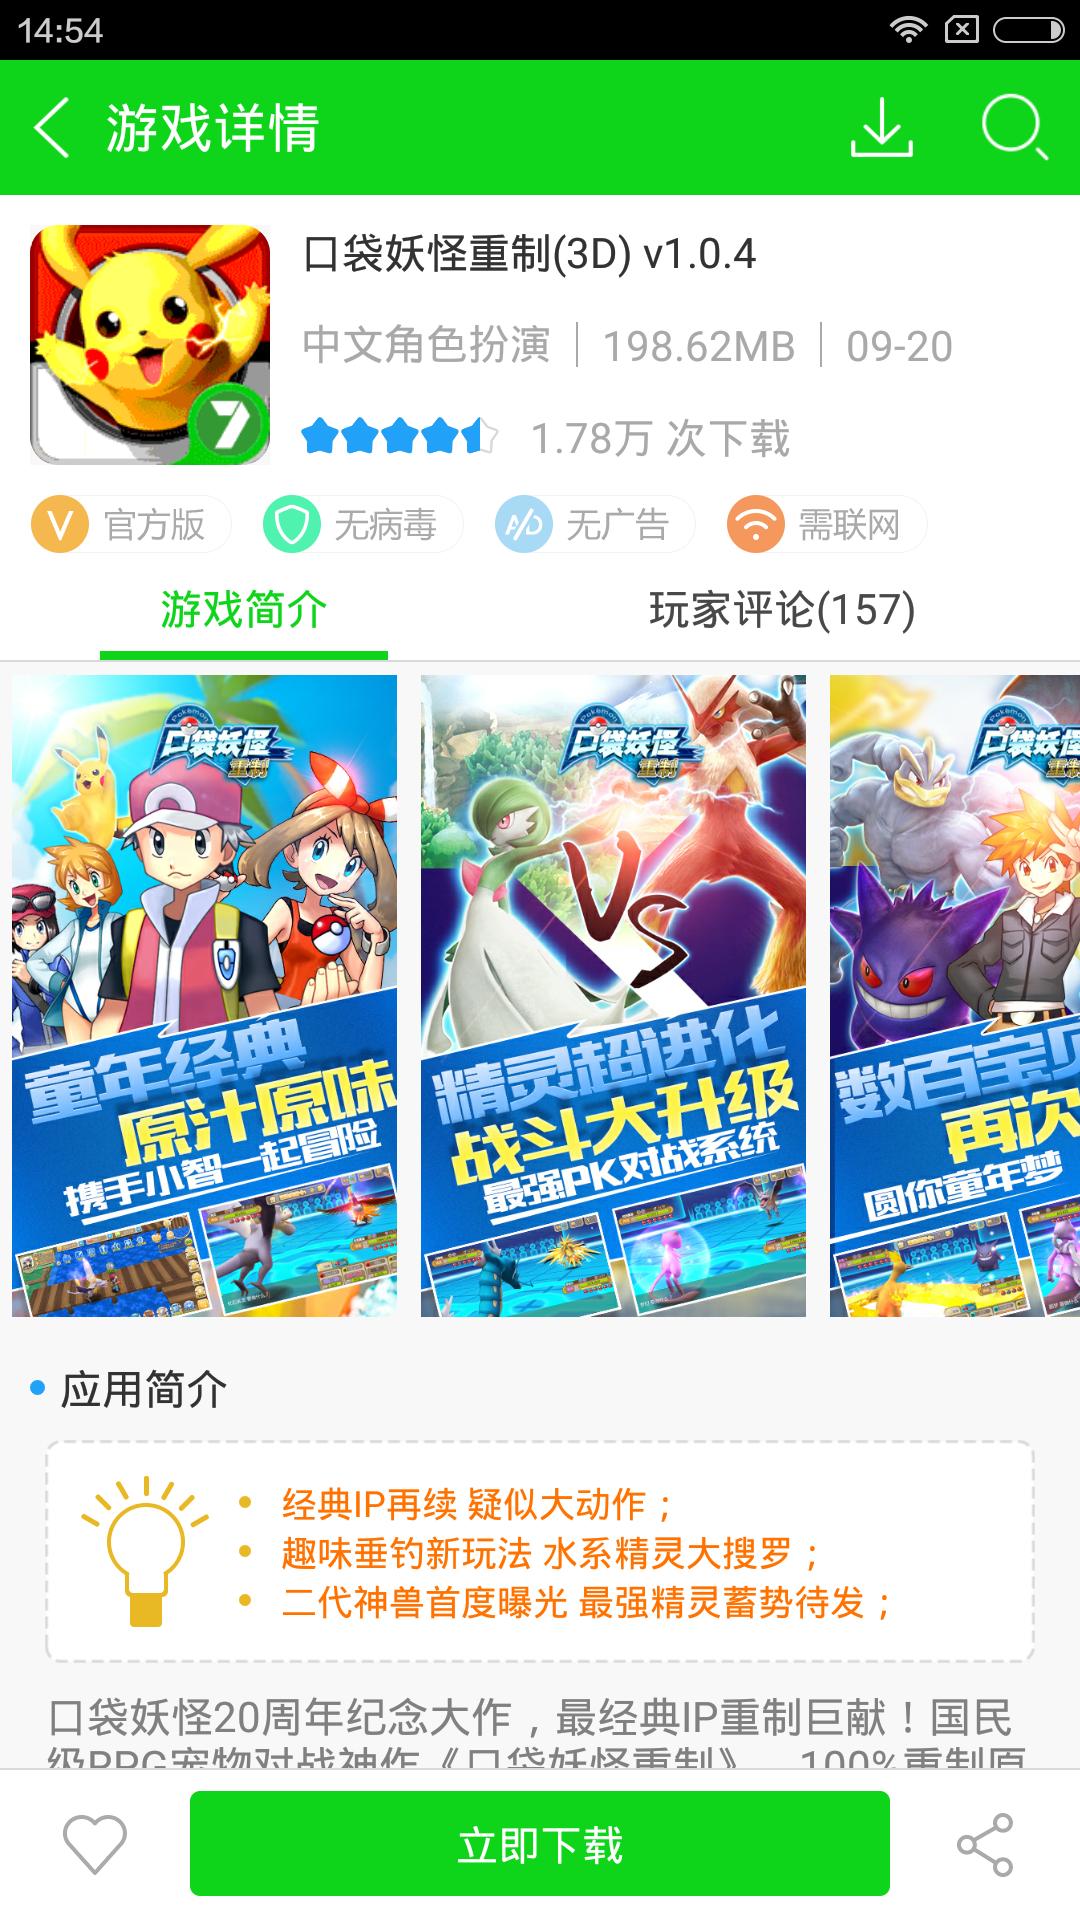 7723游戏盒(破解游戏盒子)V2.1.1 安卓版